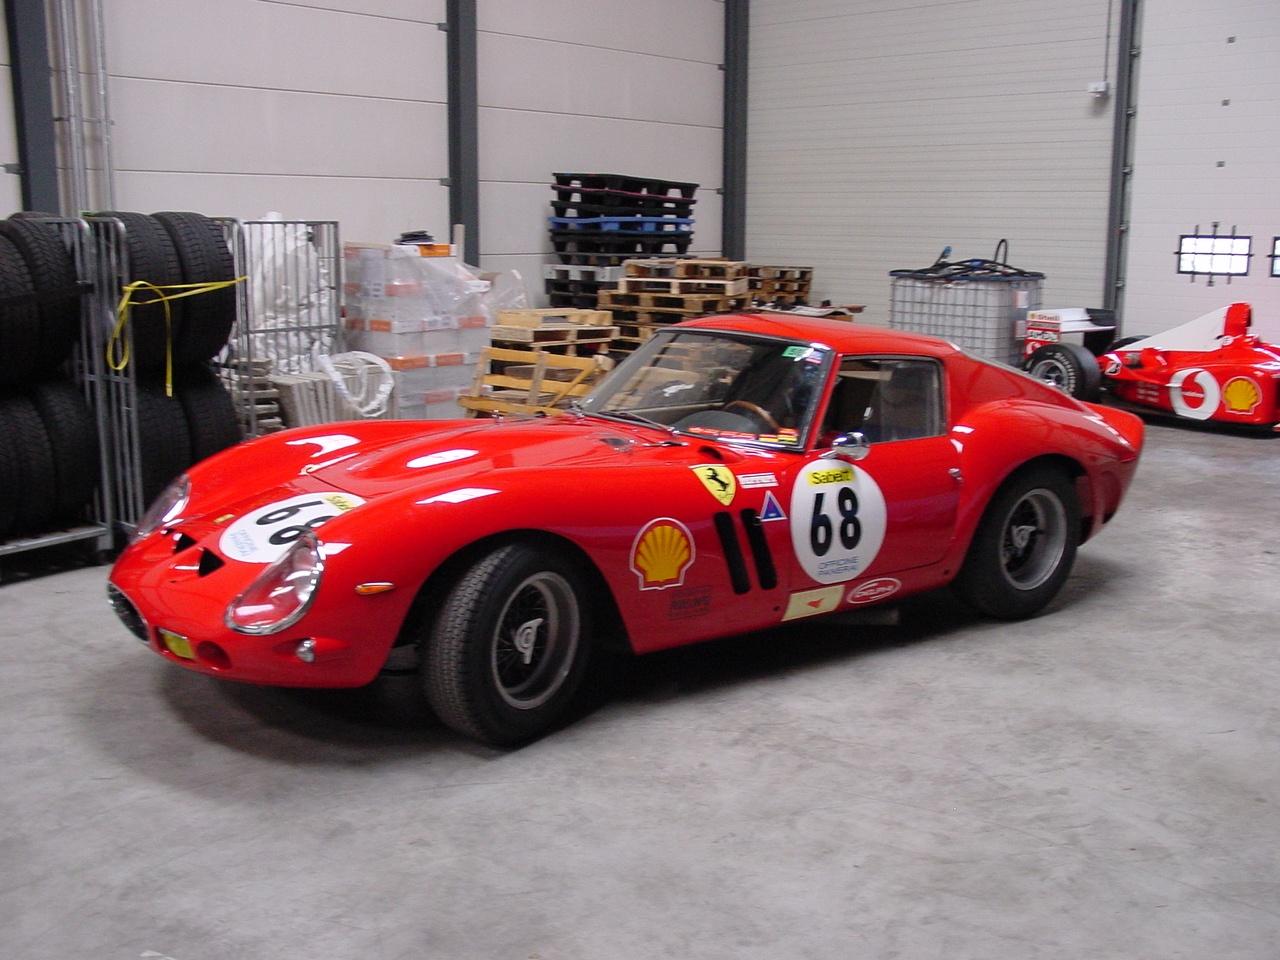 d3d8c518db Kroyman s Ferrari Collection Sold - autoevolution